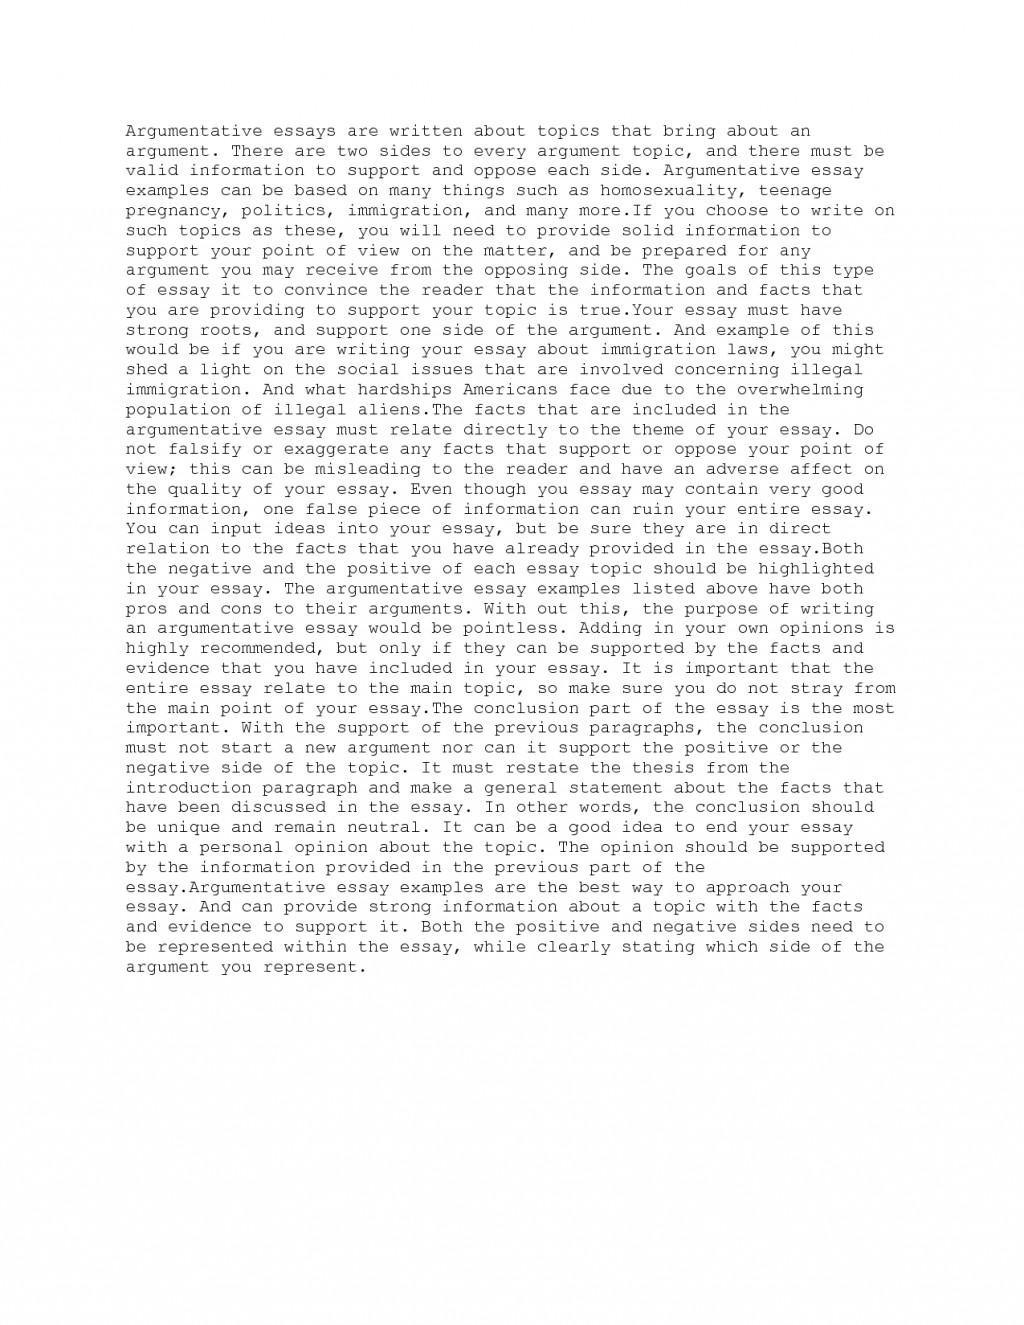 020 Qv3jjq5wkt Best Common App Essays Essay Magnificent 2018 Ivy League New York Times Large